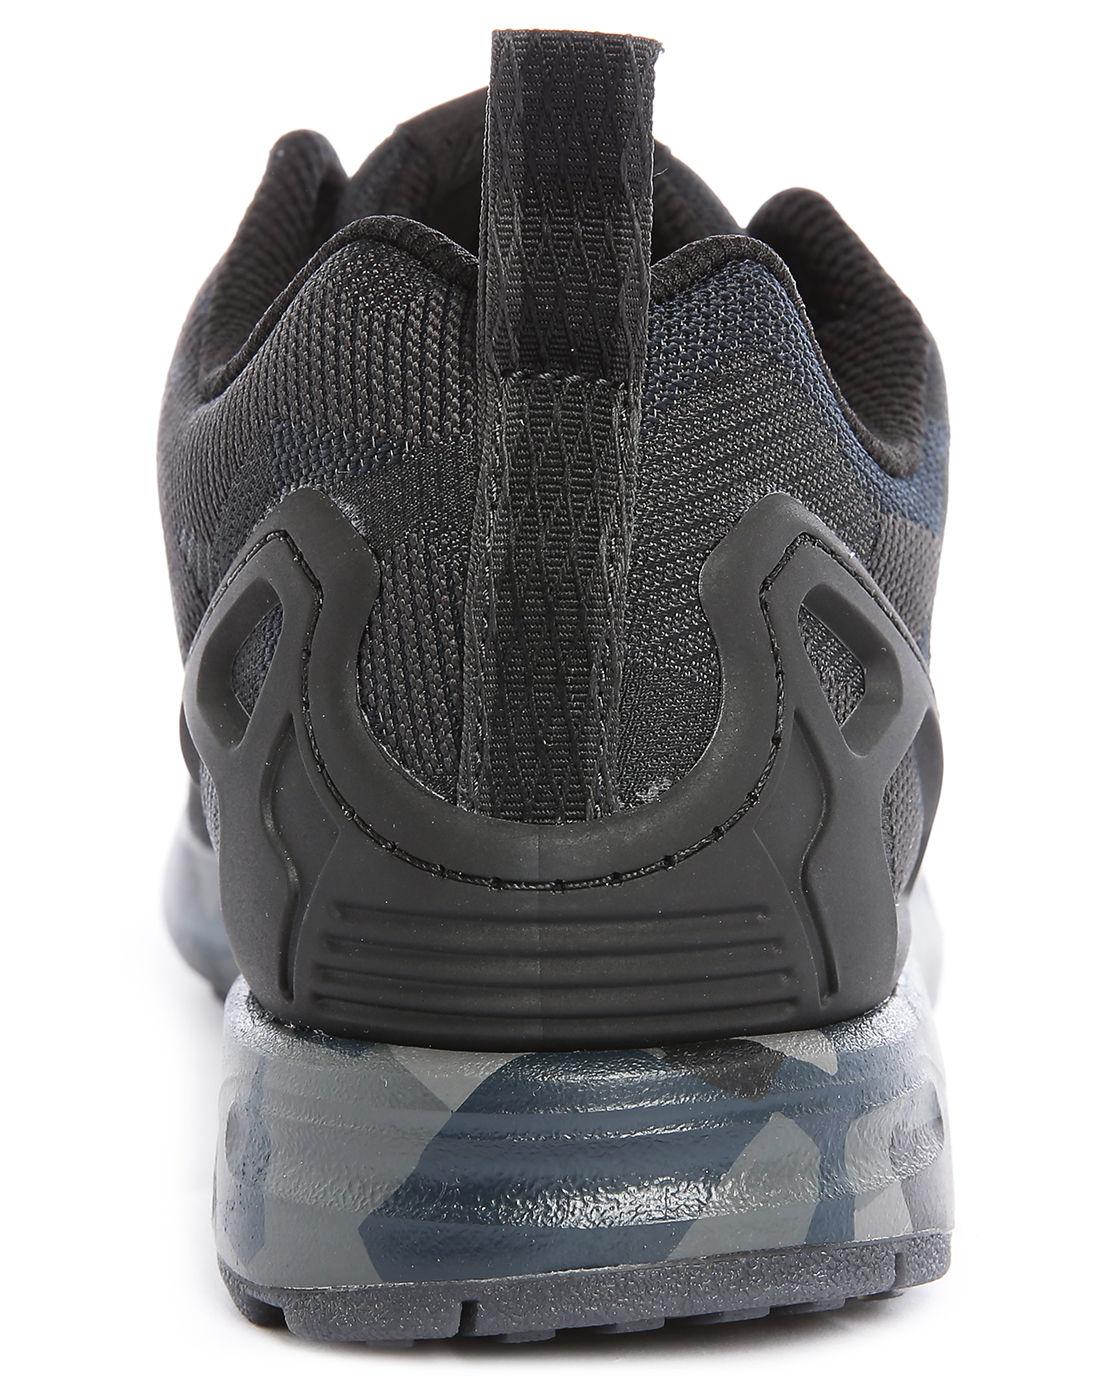 afew store sneaker adidas zx flux winter core black 勘履/a